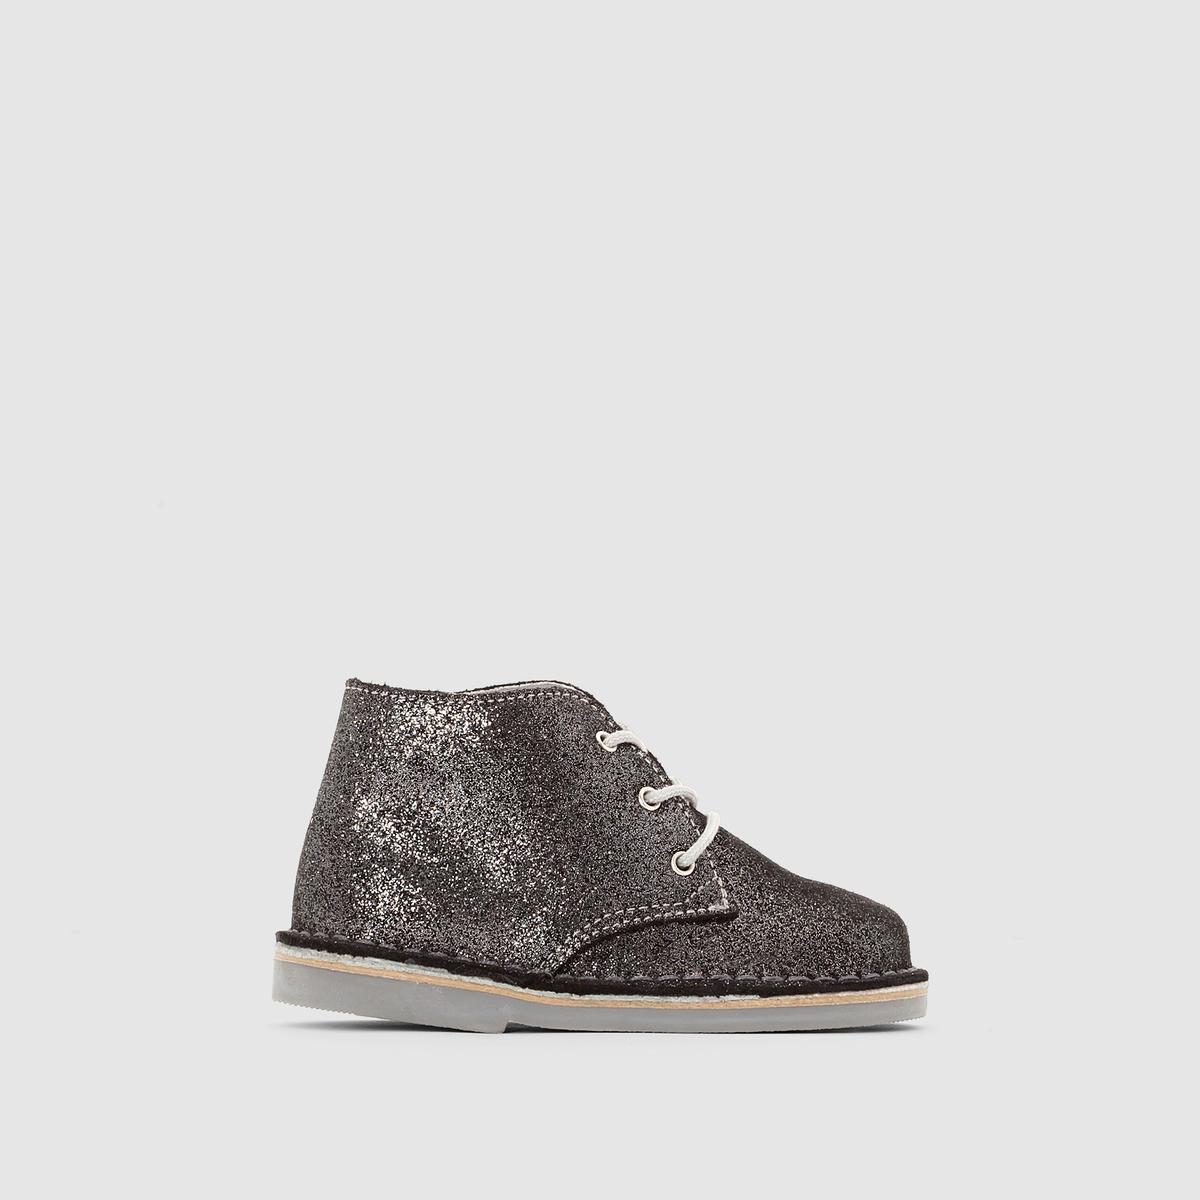 Ботинки на шнуровке, из кожи, с блестками